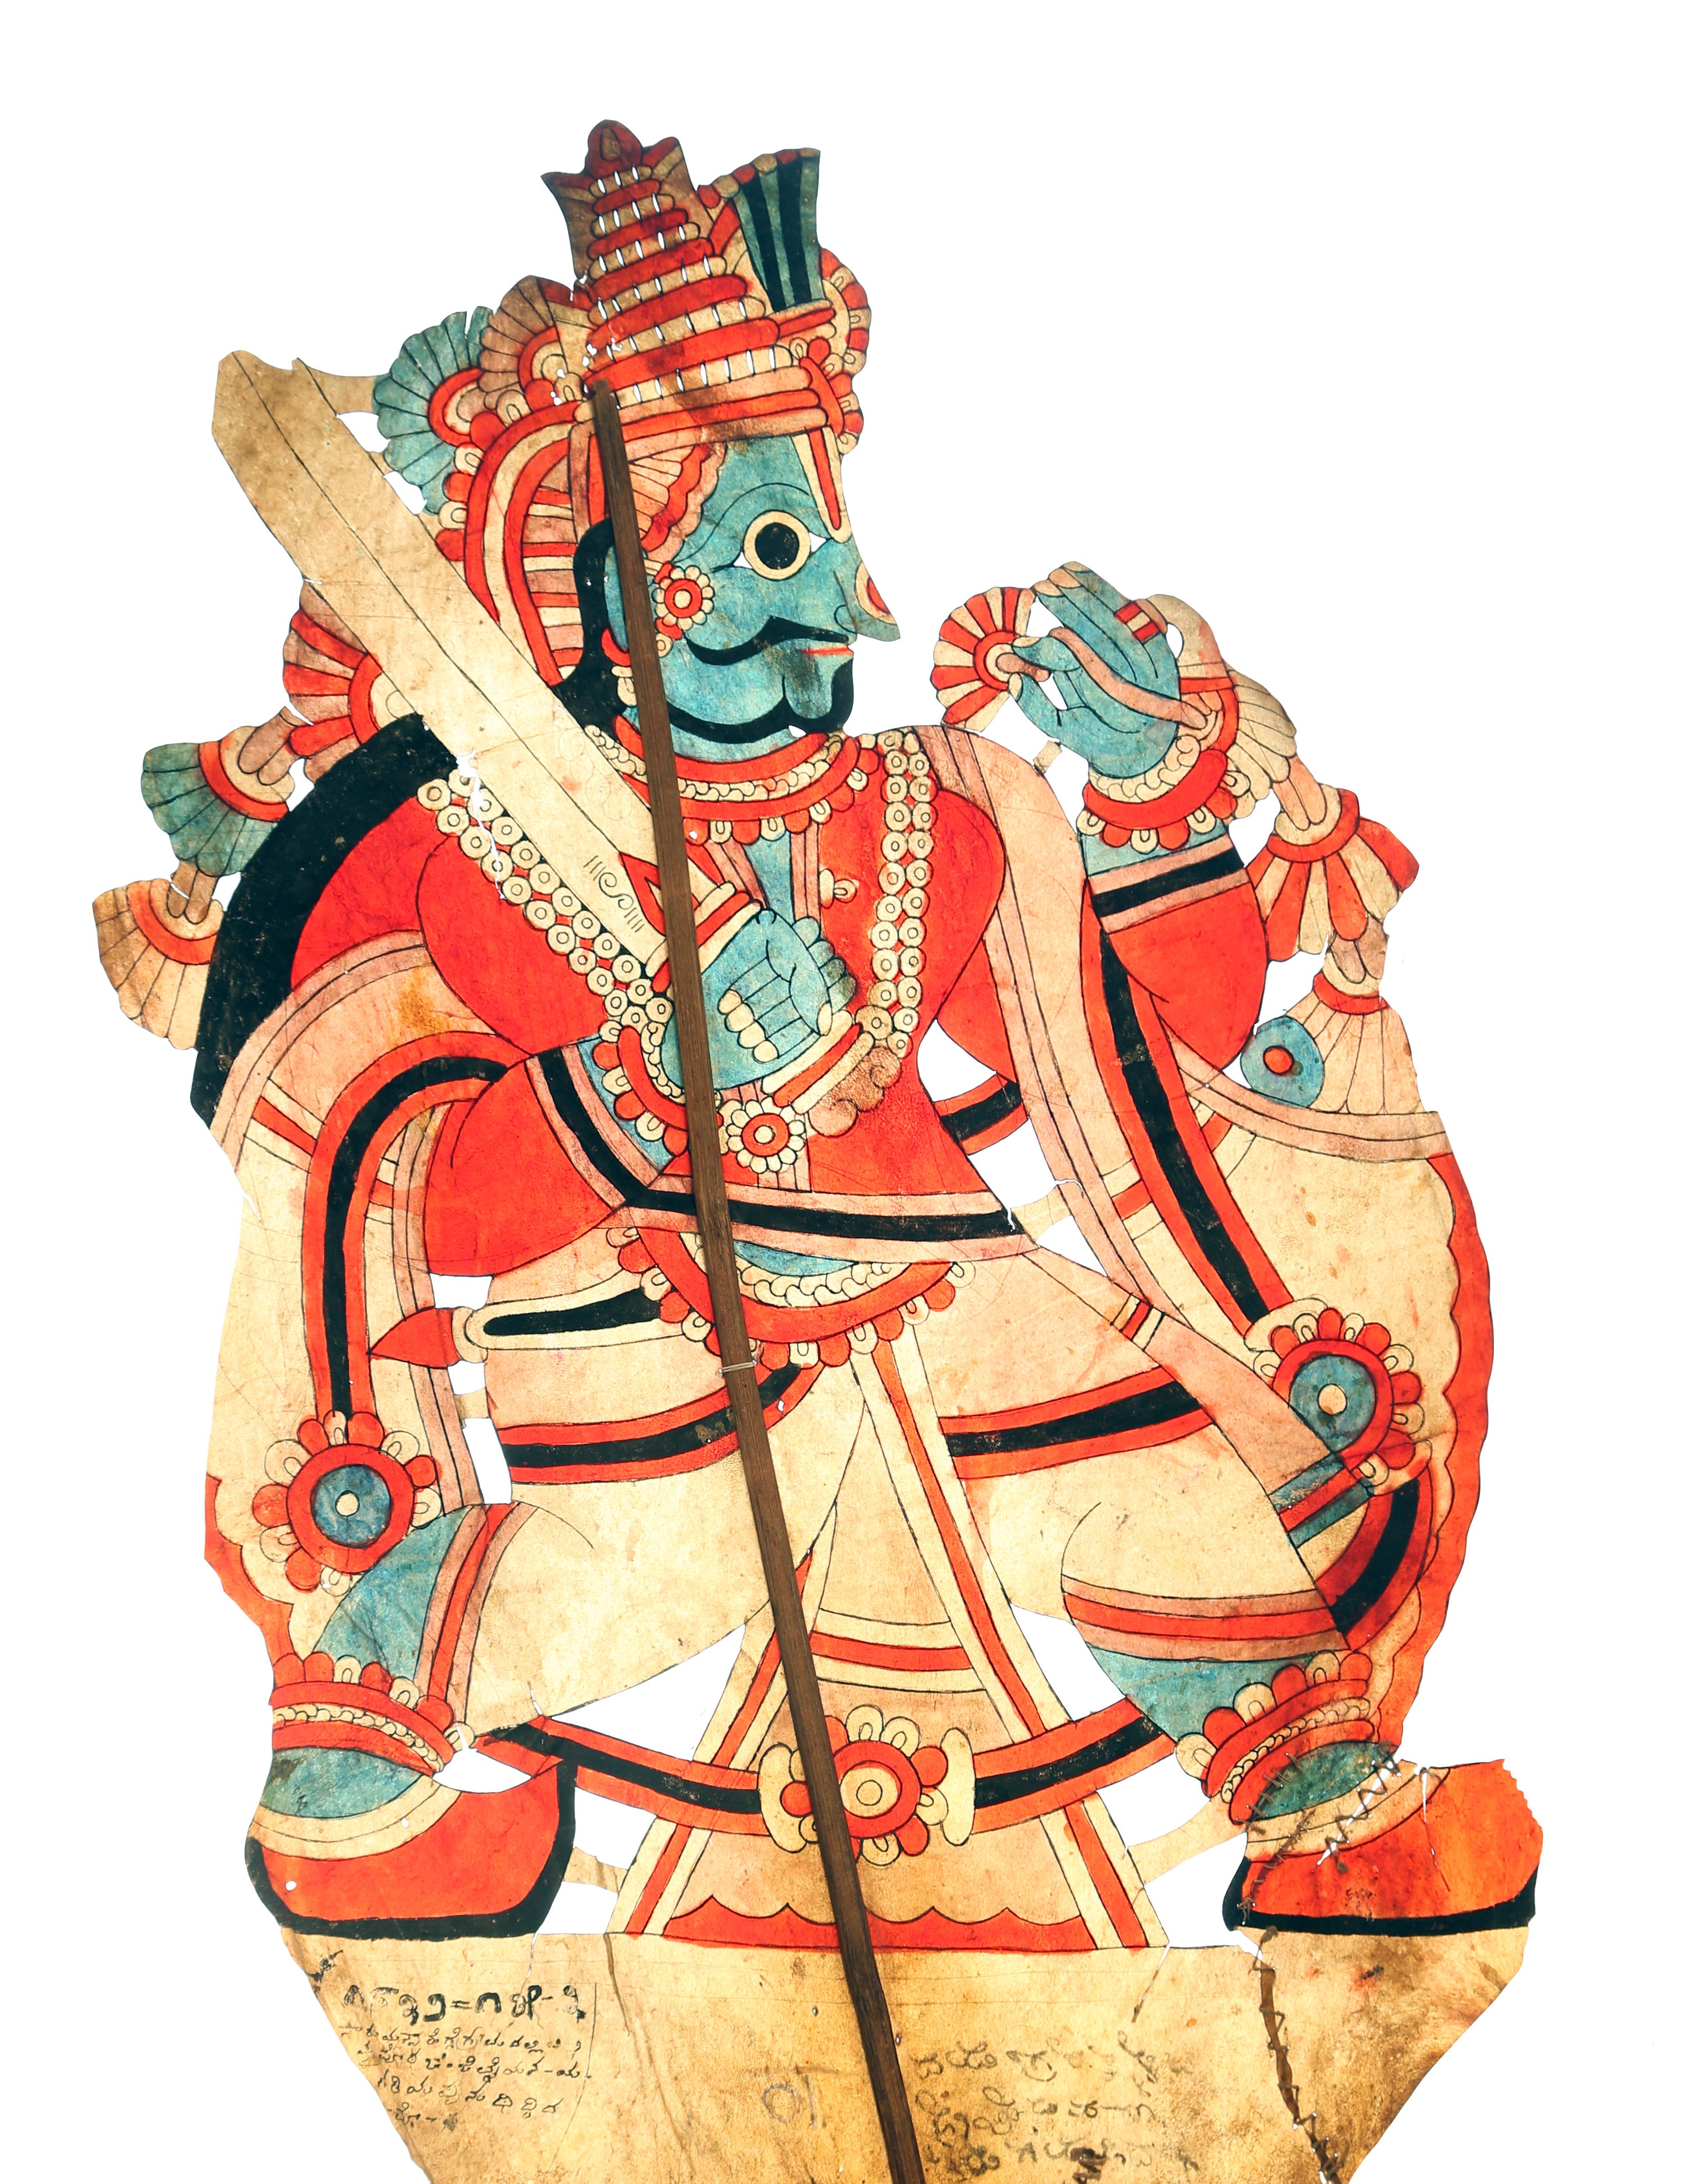 Rama, el personaje principal del Râmâyana, creado por Gunduraju (Hassan, Karnataka), un maestro del teatro de sombras, togalu gombeya</em>ta</em>, de Karnataka, India. Fotografía cortesía de Atul Sinha